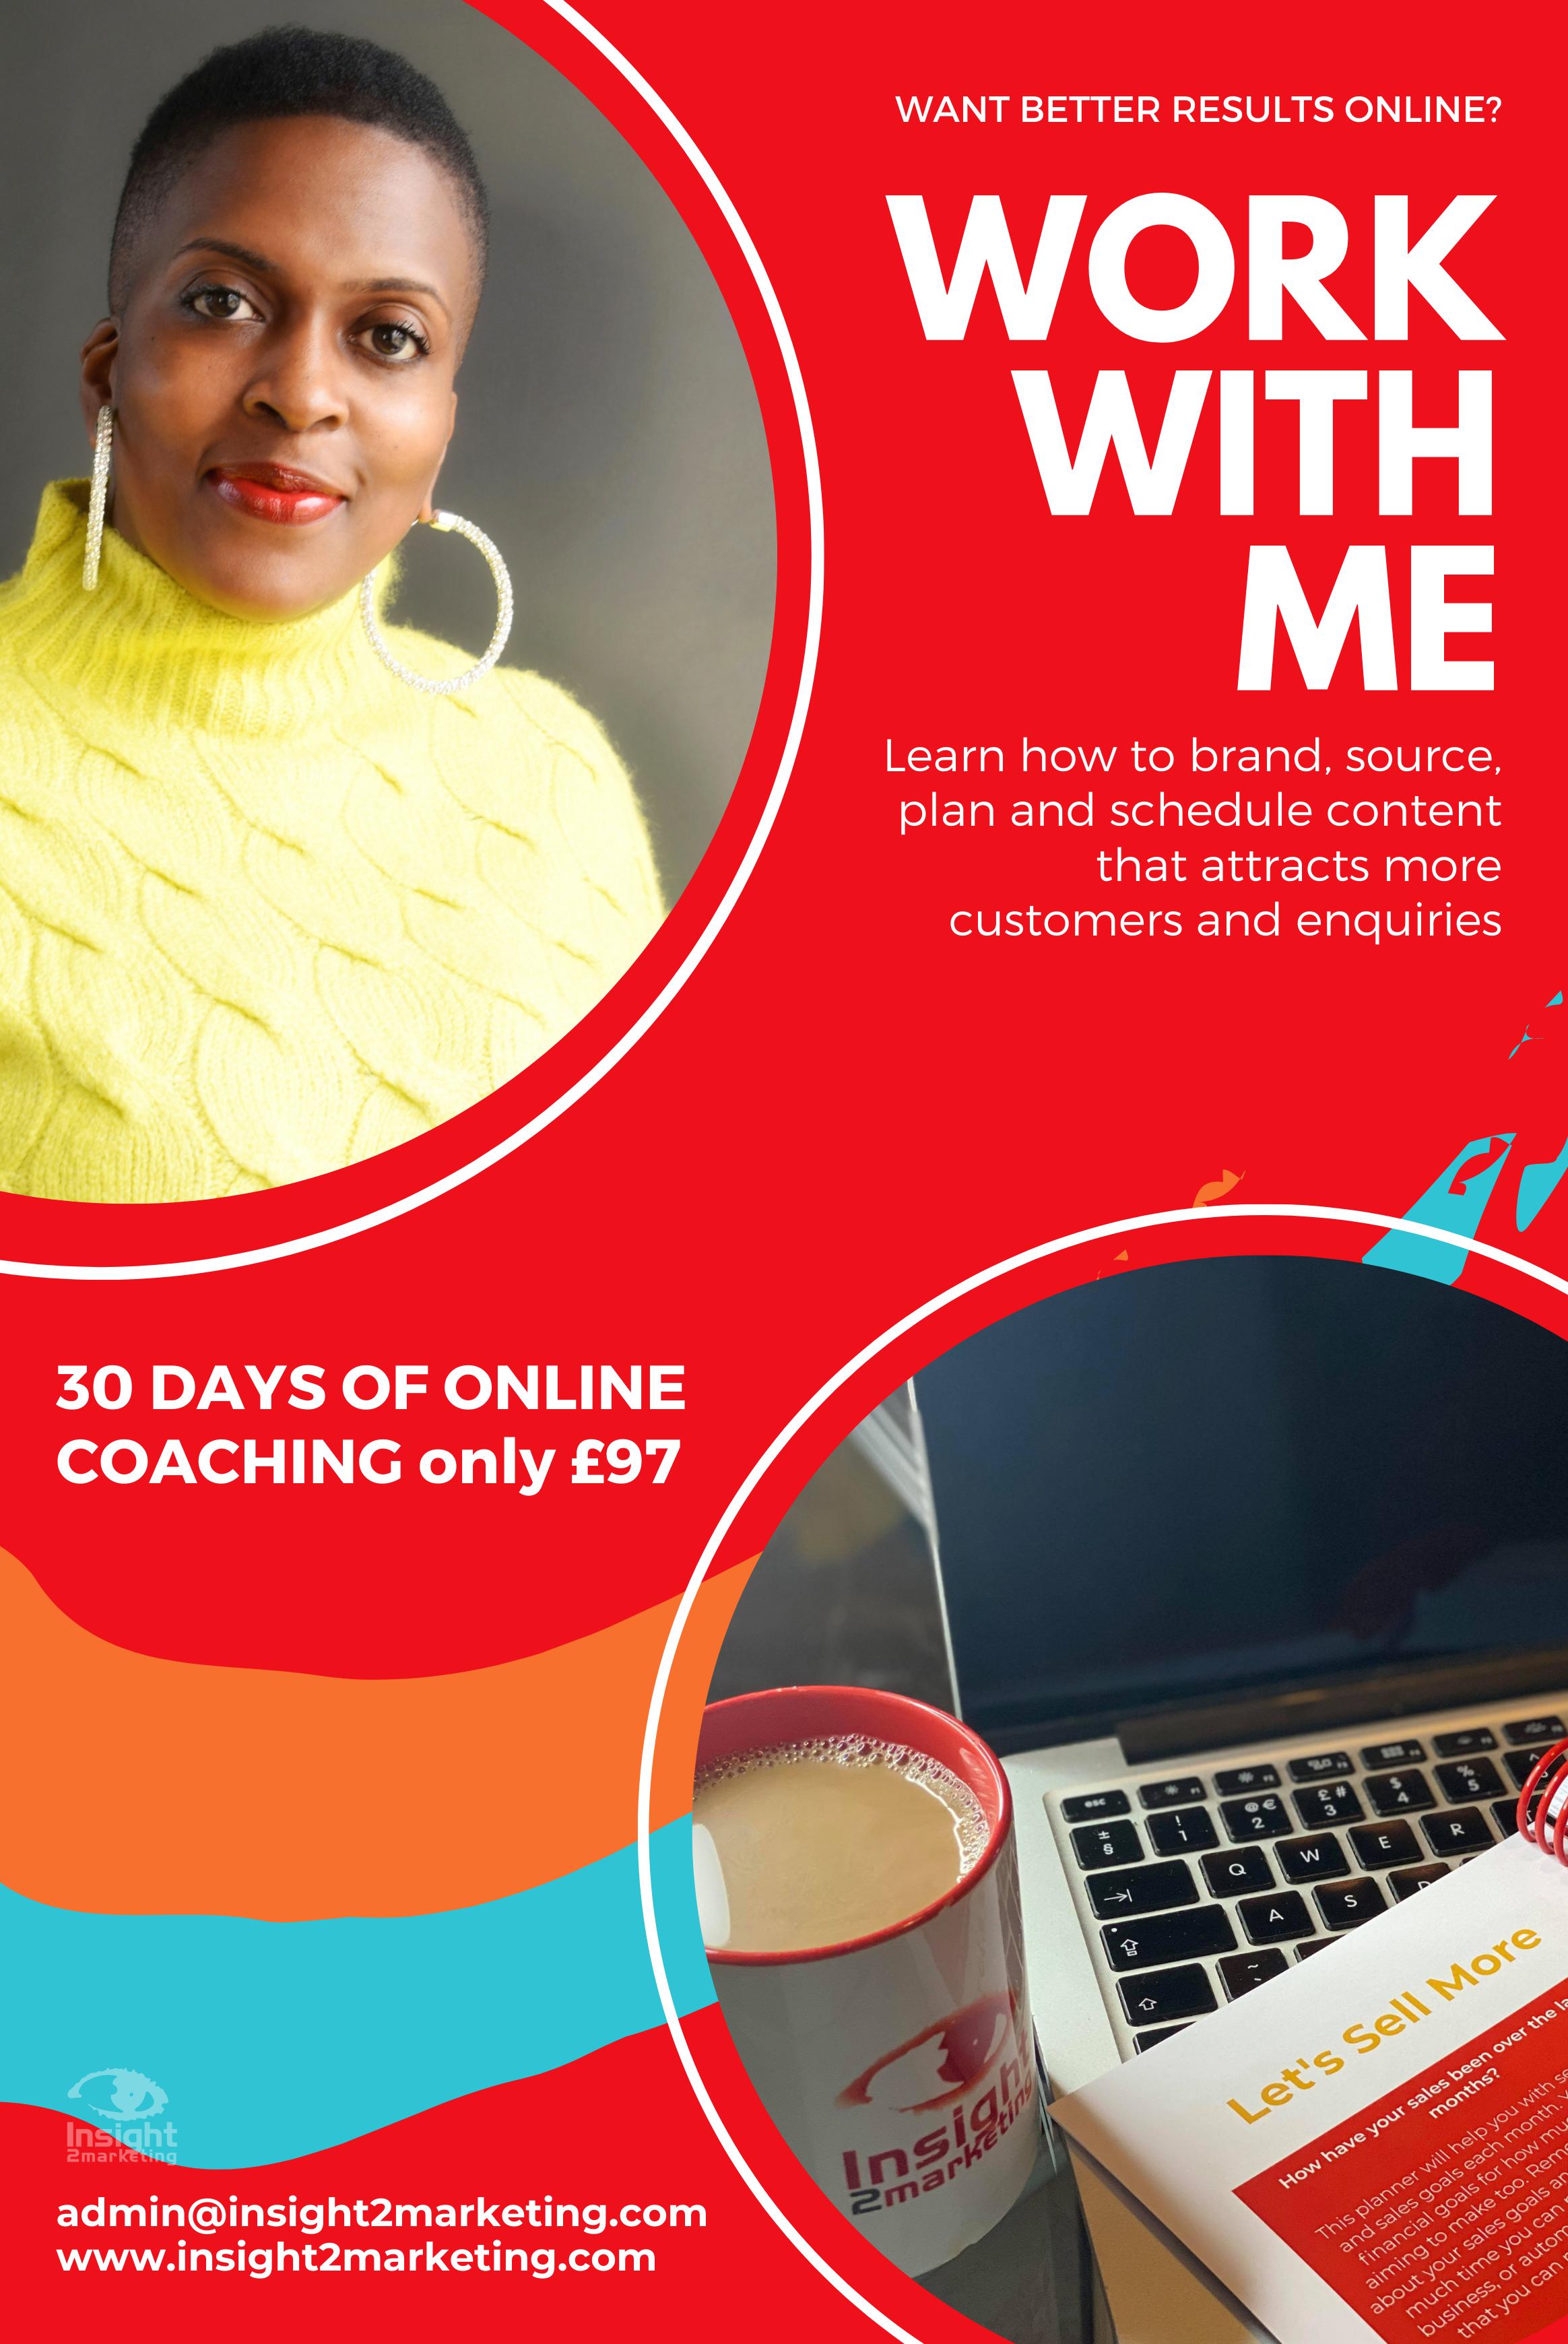 30 day business coaching, aski2m, insight2marketing, 2021 startups